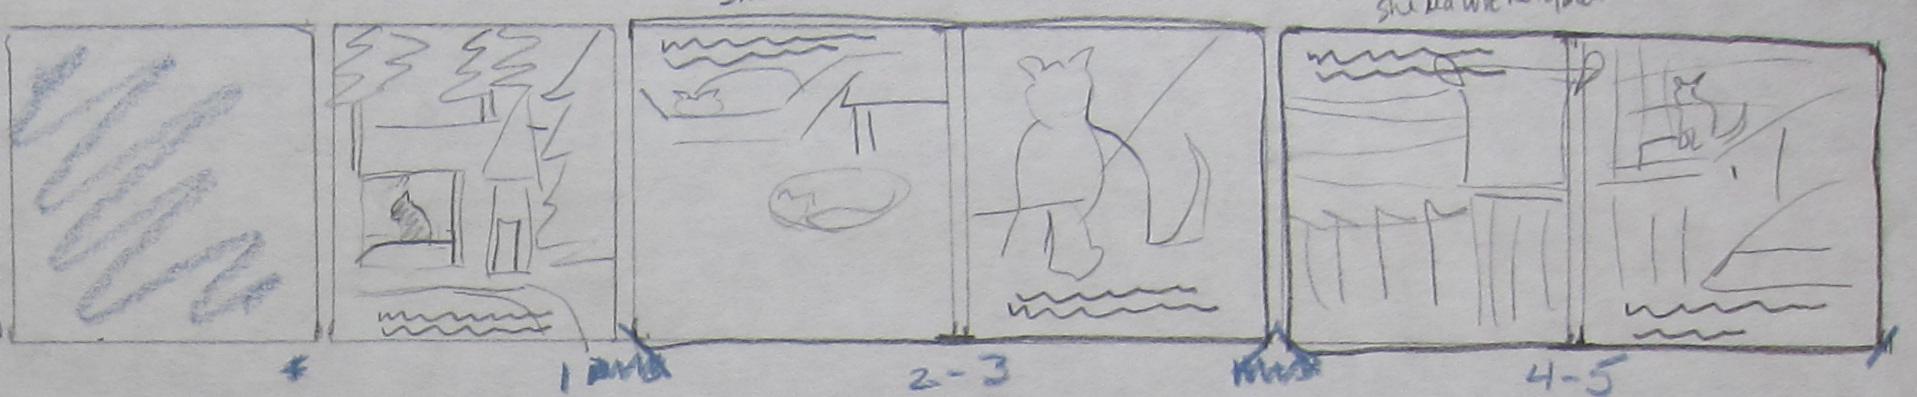 FFF storyboard P 1-4